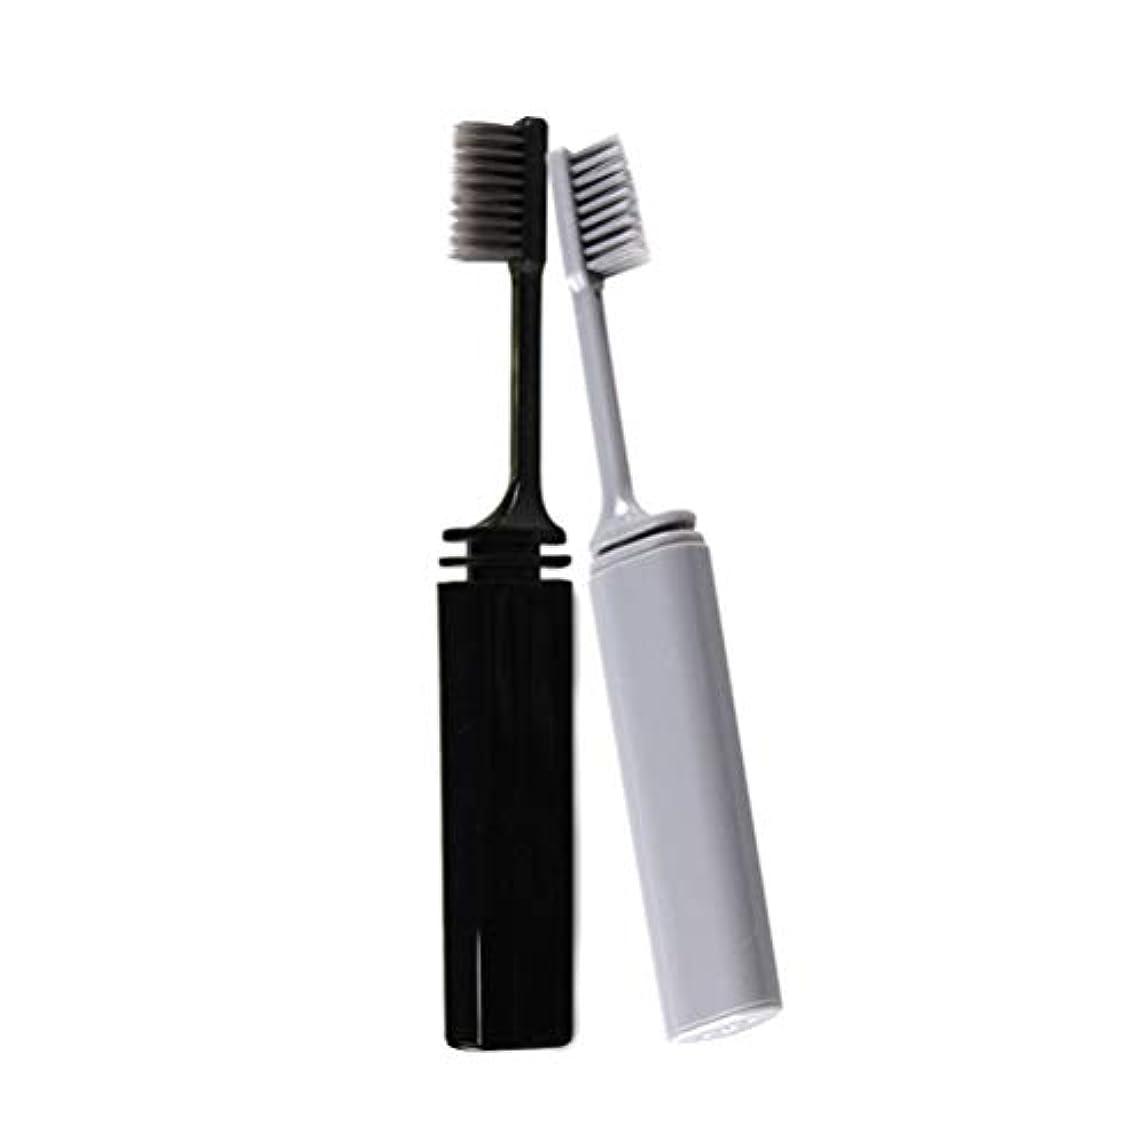 神のデュアルリーンHealifty 旅行ポータブル歯ブラシクリエイティブ折りたたみ竹炭柔らかい剛毛歯ブラシ2本(グレー+ブラック)